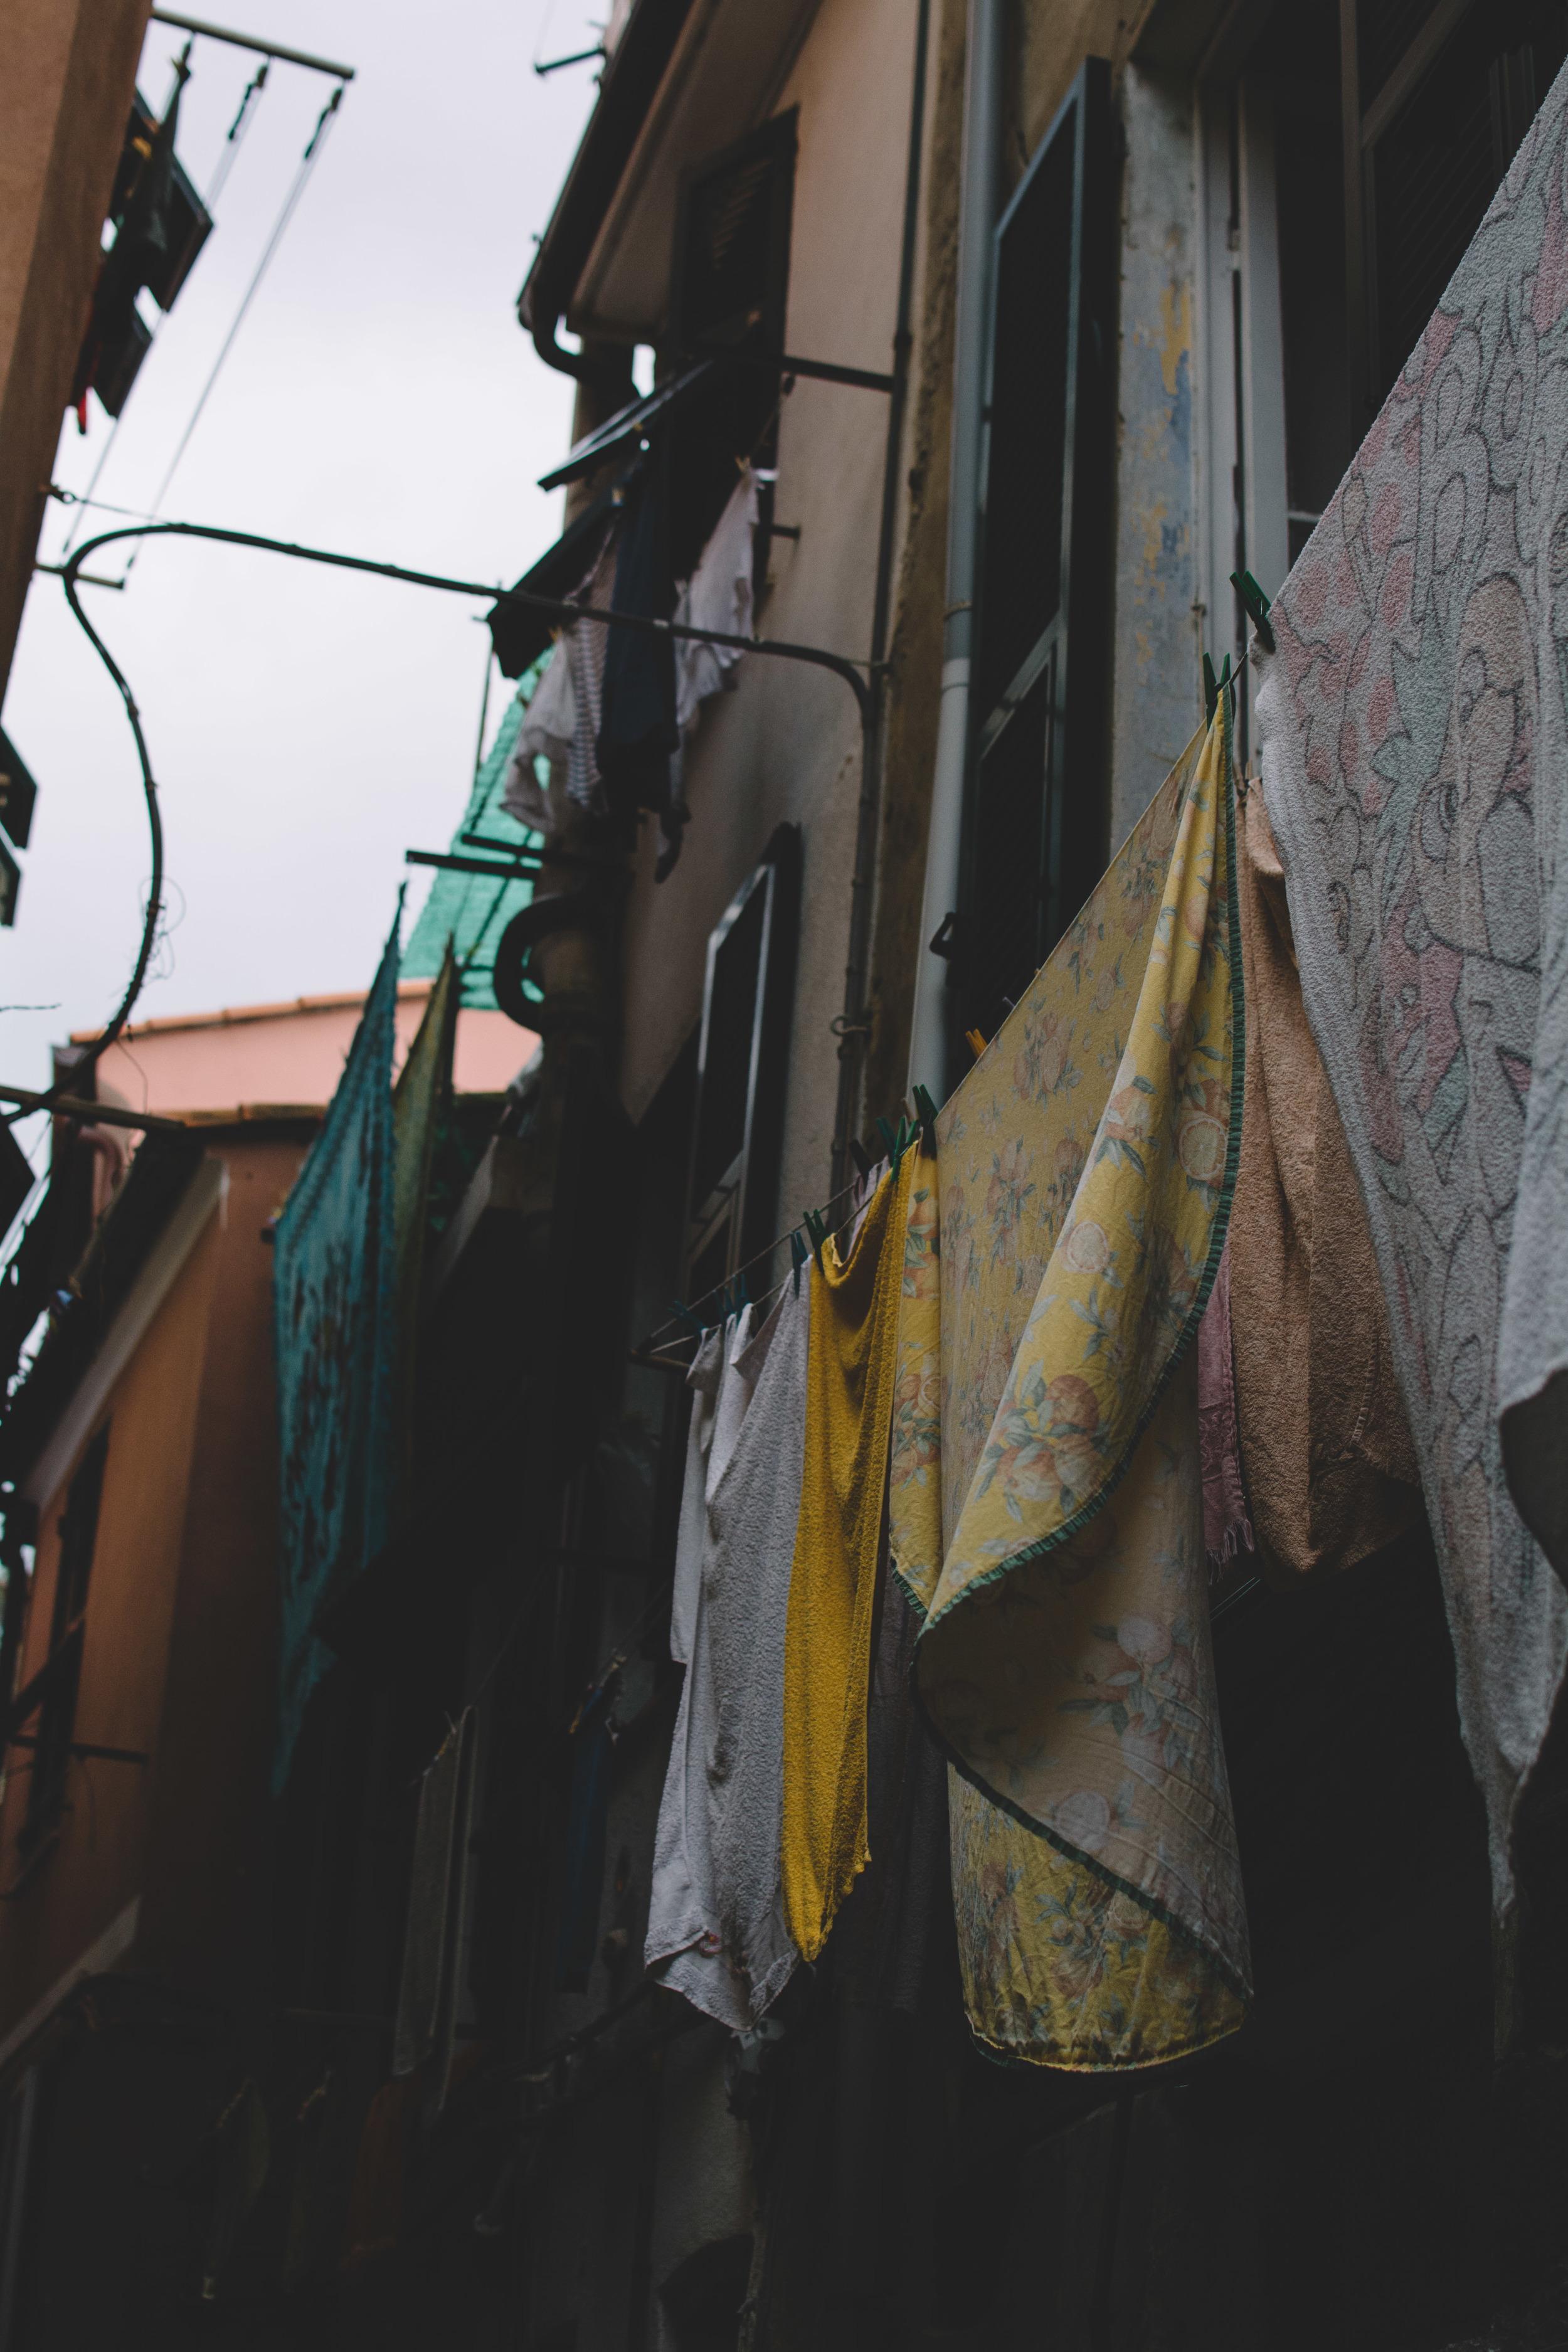 italia-00331294.jpg